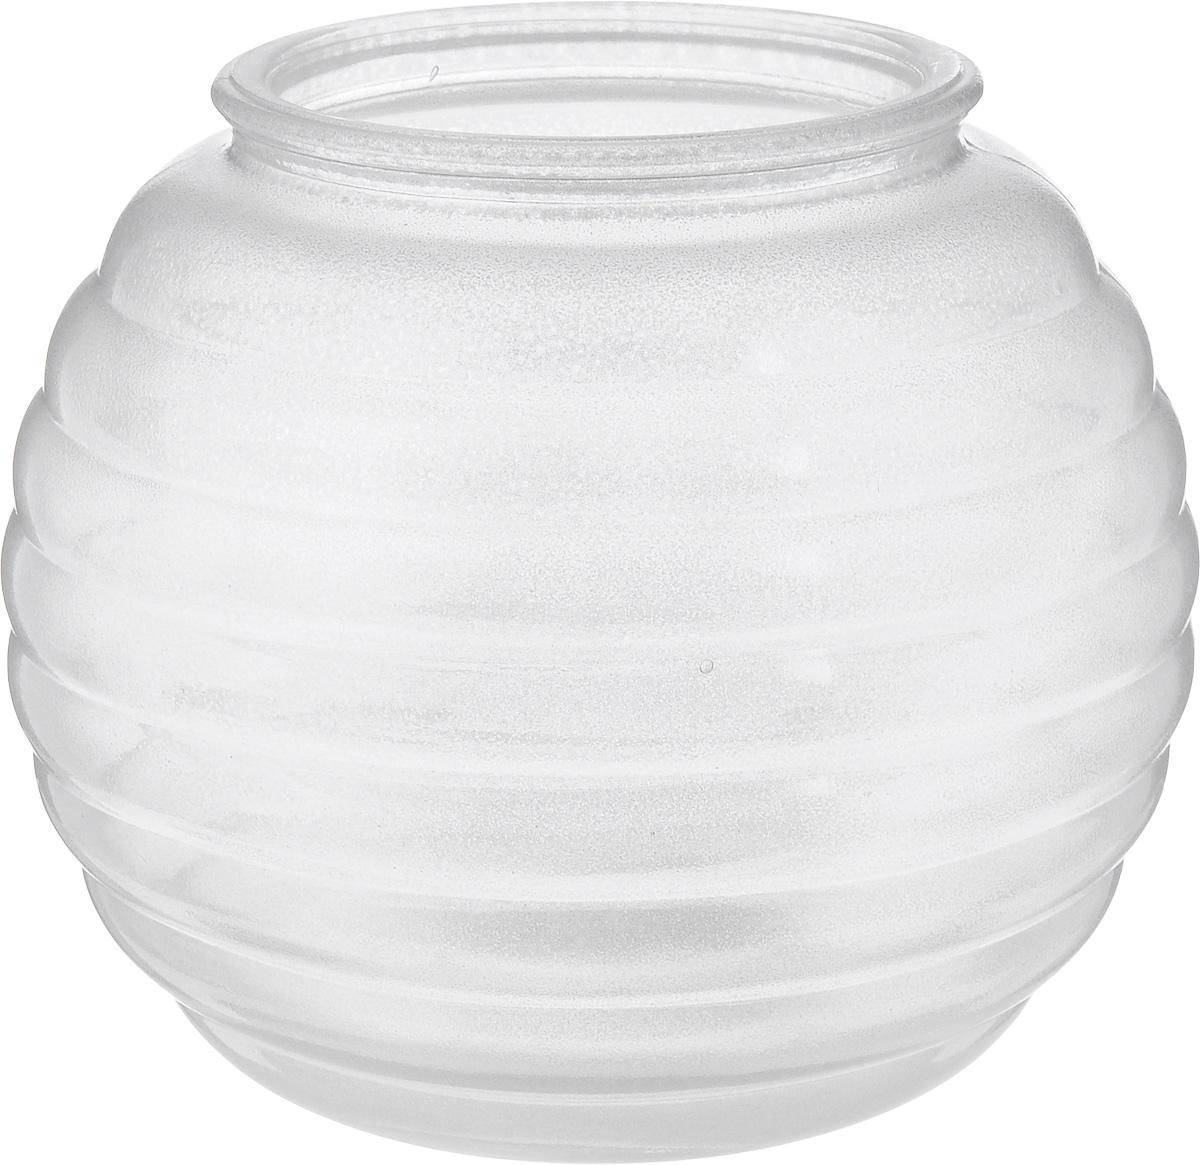 Ваза NiNaGlass Зара, цвет: серебряный, высота 13,3 см54 009312Ваза NiNaGlass Зара выполнена из высококачественного стекла и оформлена изящным рельефом. Такая ваза станет ярким украшением интерьера и прекрасным подарком к любому случаю.Высота вазы: 13,3 см.Диаметр вазы (по верхнему краю): 8 см.